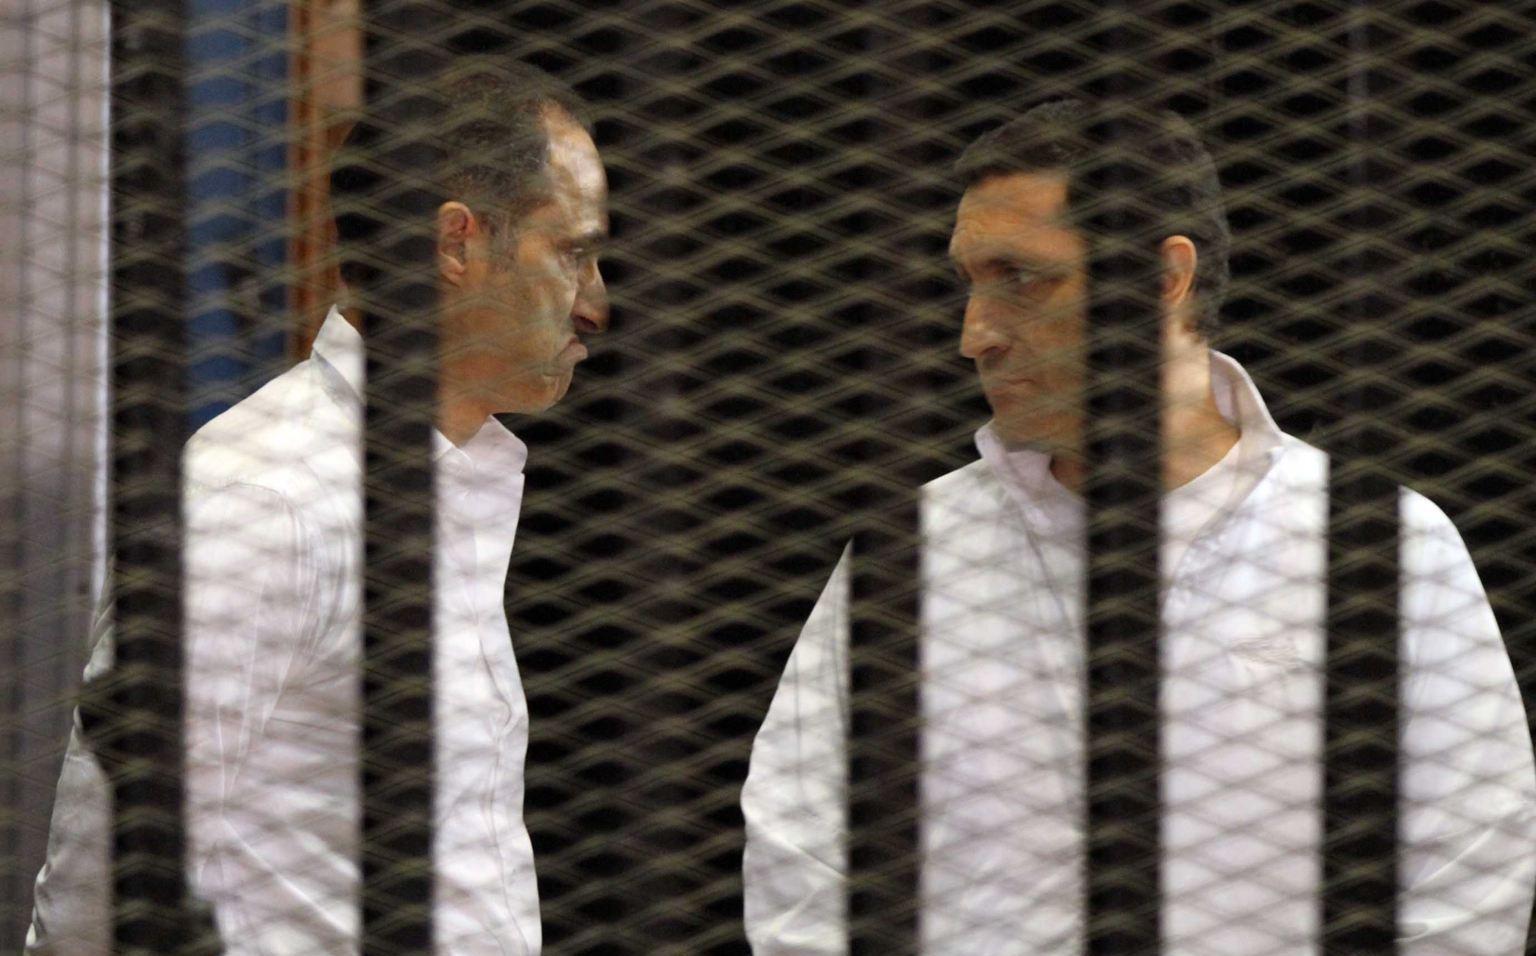 جمال وعلاء مبارك خلف القضبان مجدداً...جنايات القاهرة تقرر حبسهم على ذمة التحقيق